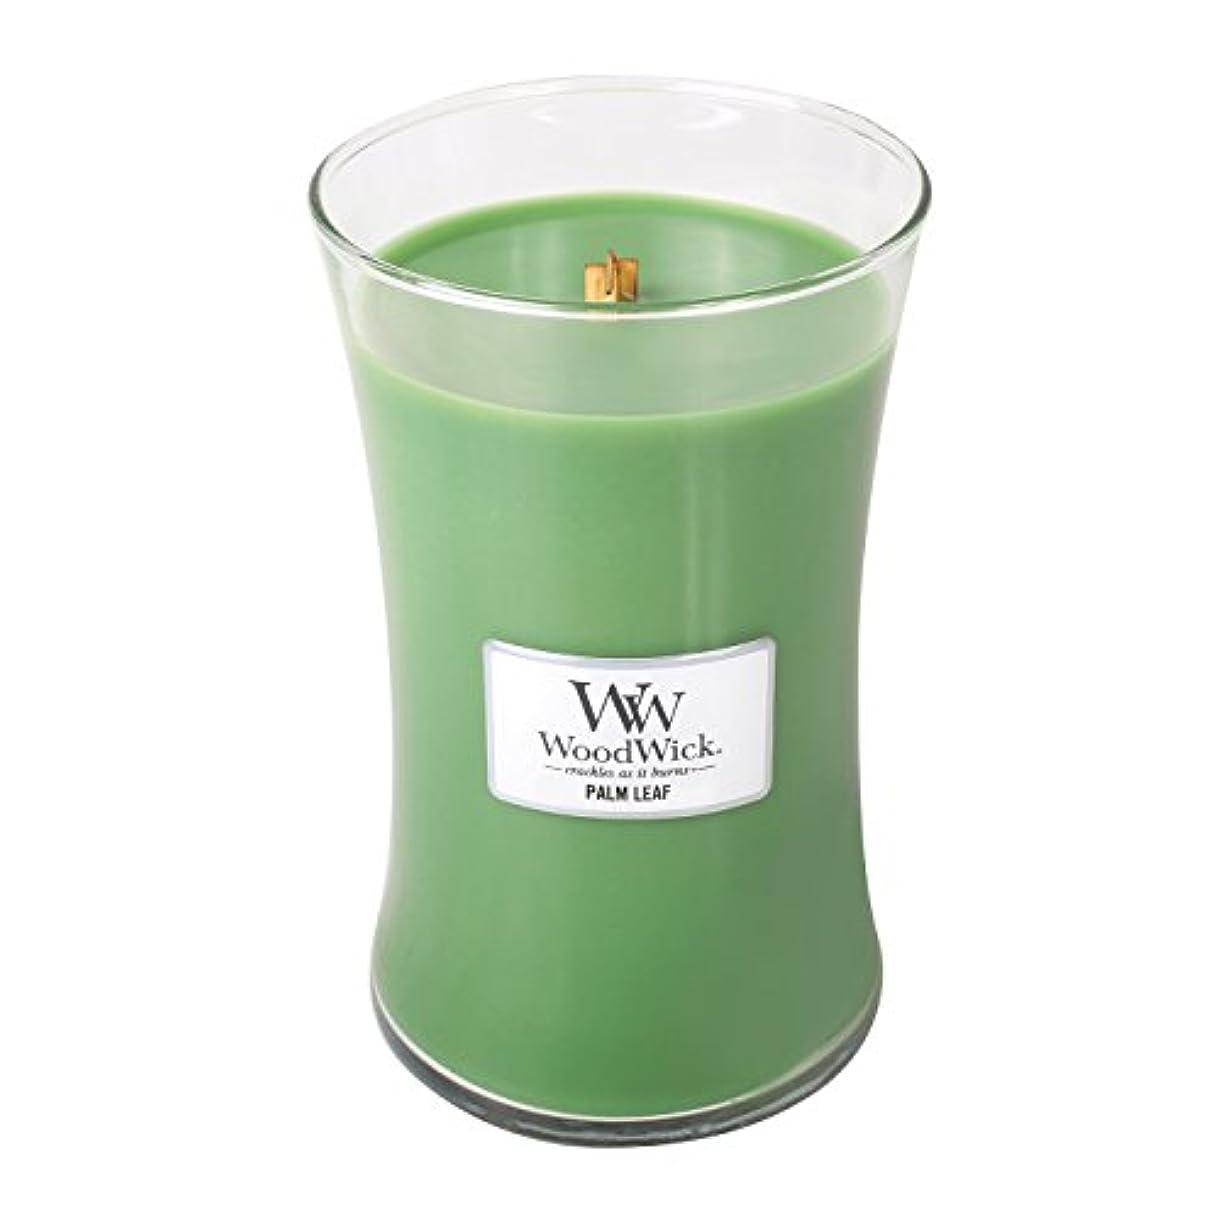 連想虫を数えるローブWoodWick PALM LEAF, Highly Scented Candle, Classic Hourglass Jar, Large 18cm, 640ml